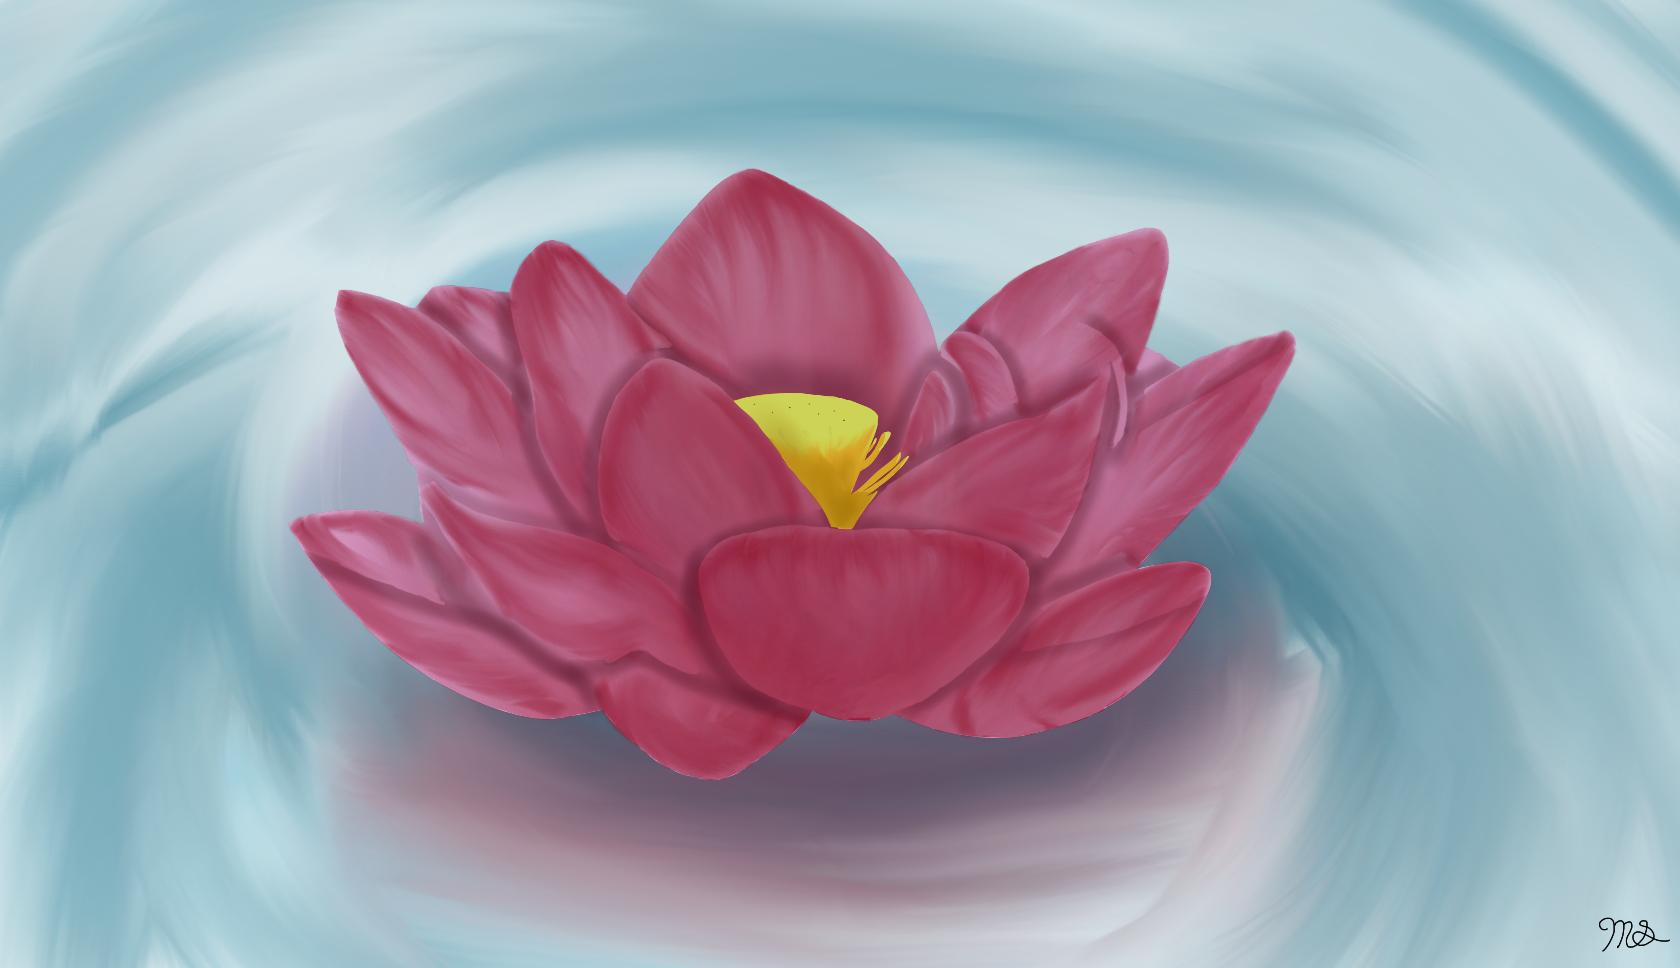 Lotus FLower by drawingwolf17